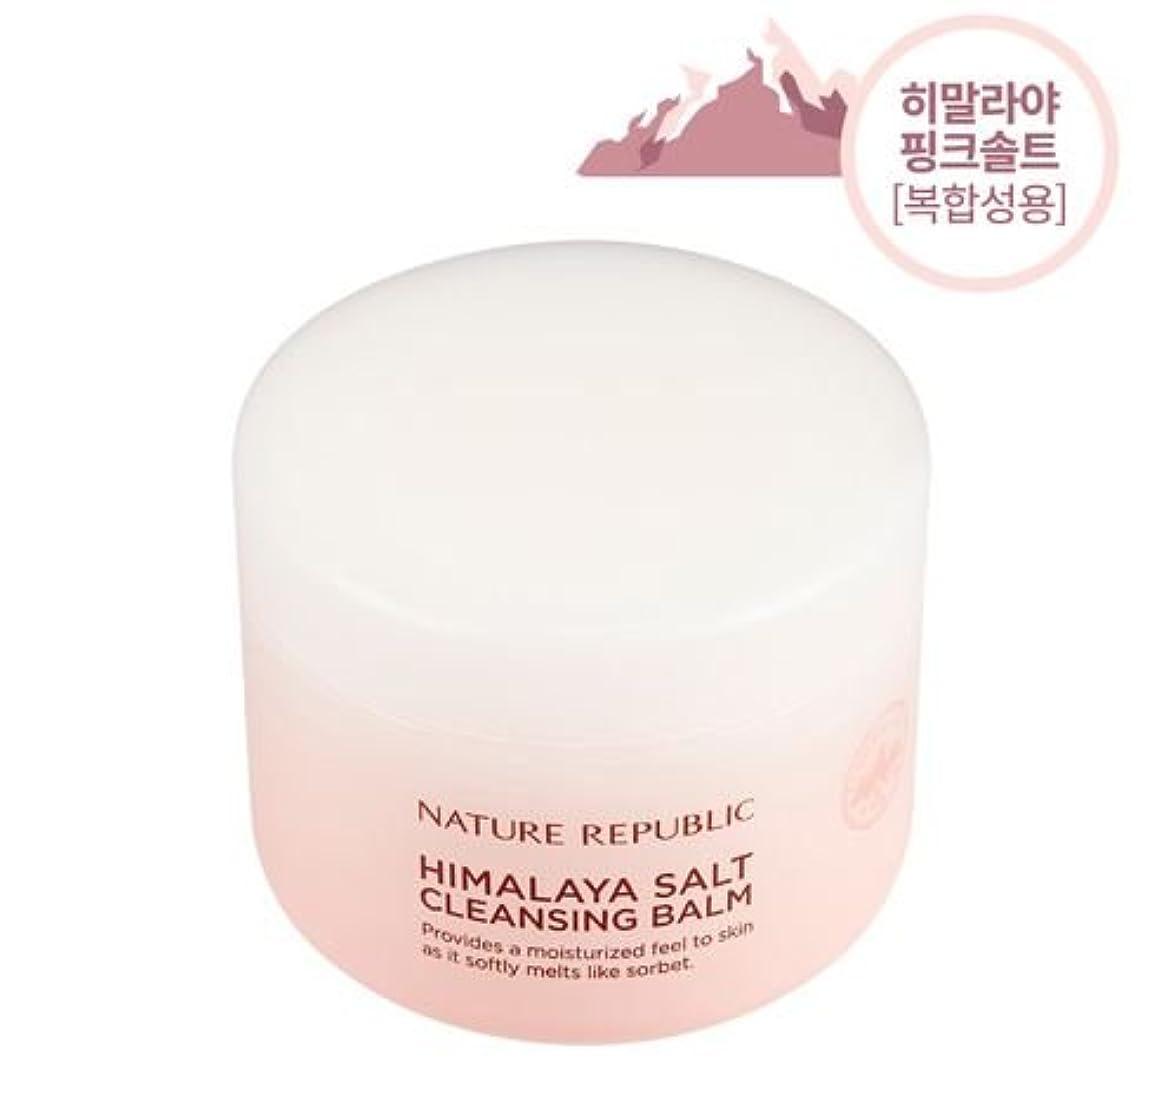 ブラウザ住居グラフィックHimalaya salt cleansing balm (PINK SALT)ヒマラヤソルトクレンジングバーム(pink salt) [並行輸入品]